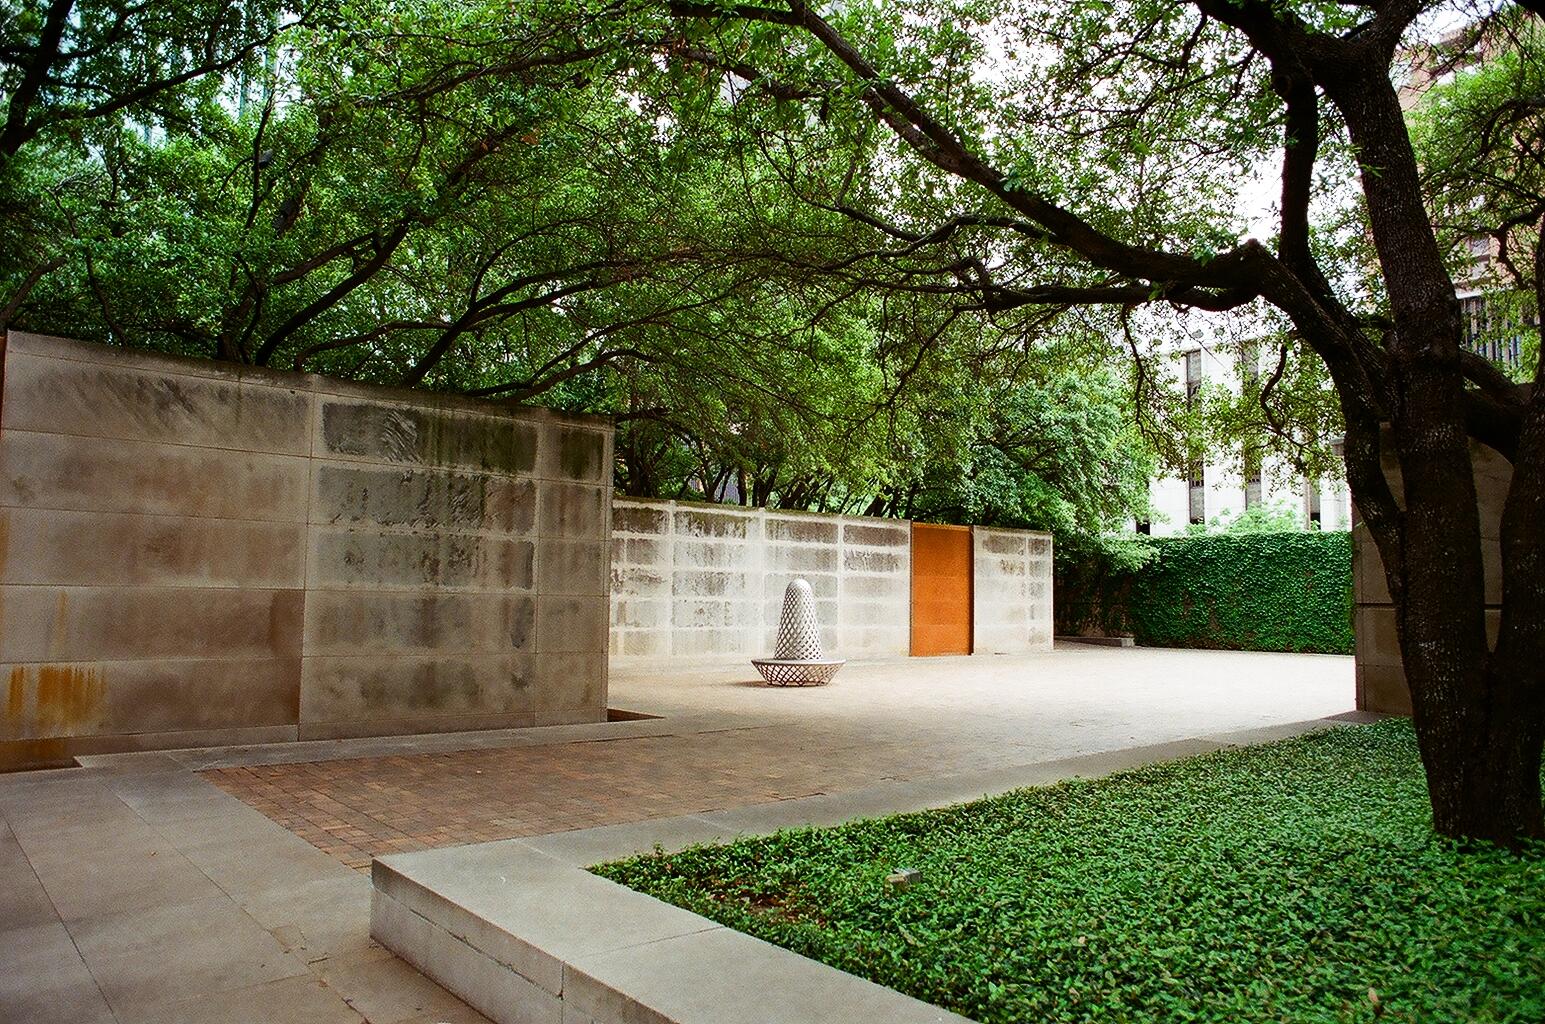 Dallas Museum of Art Sculpture Garden 3